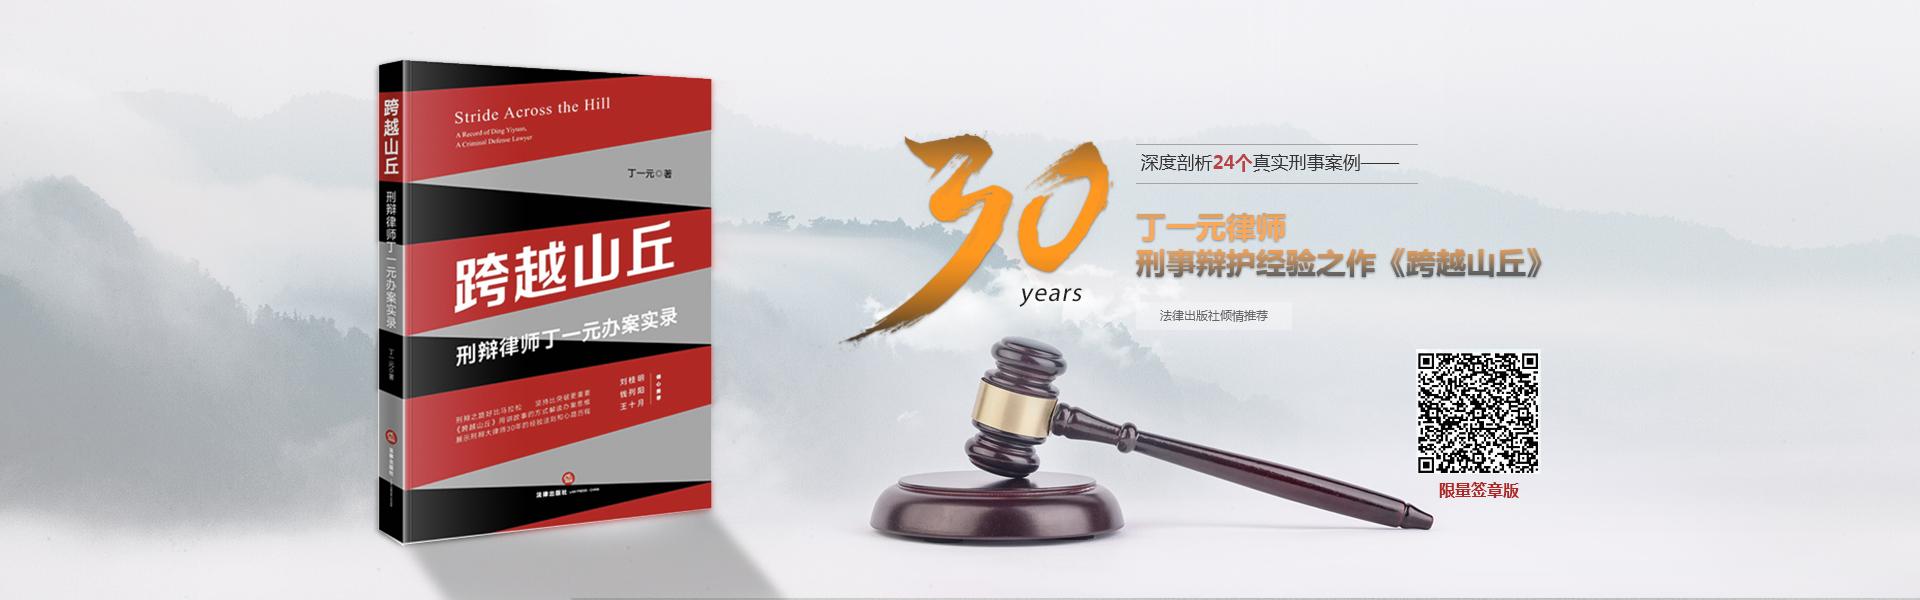 广州刑事大律师